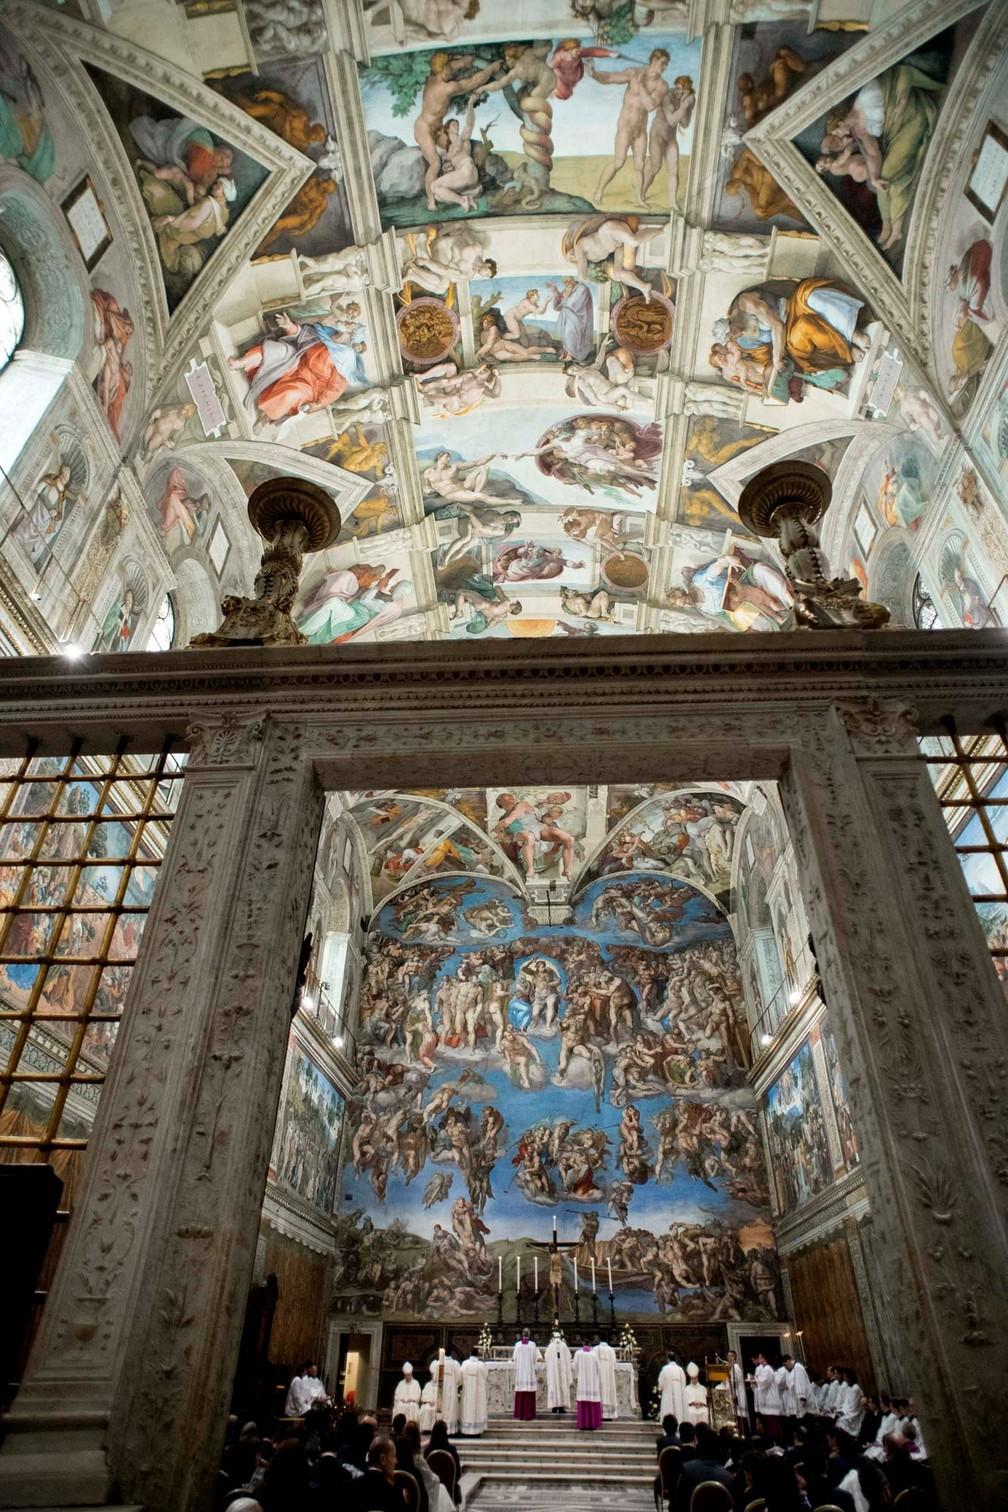 7 de janeiro - A Capela Sistina recebe missa celebrada pelo Papa Francisco para batizar 34 bebês no Vaticano (Foto: L'Osservatore Romano via AP)